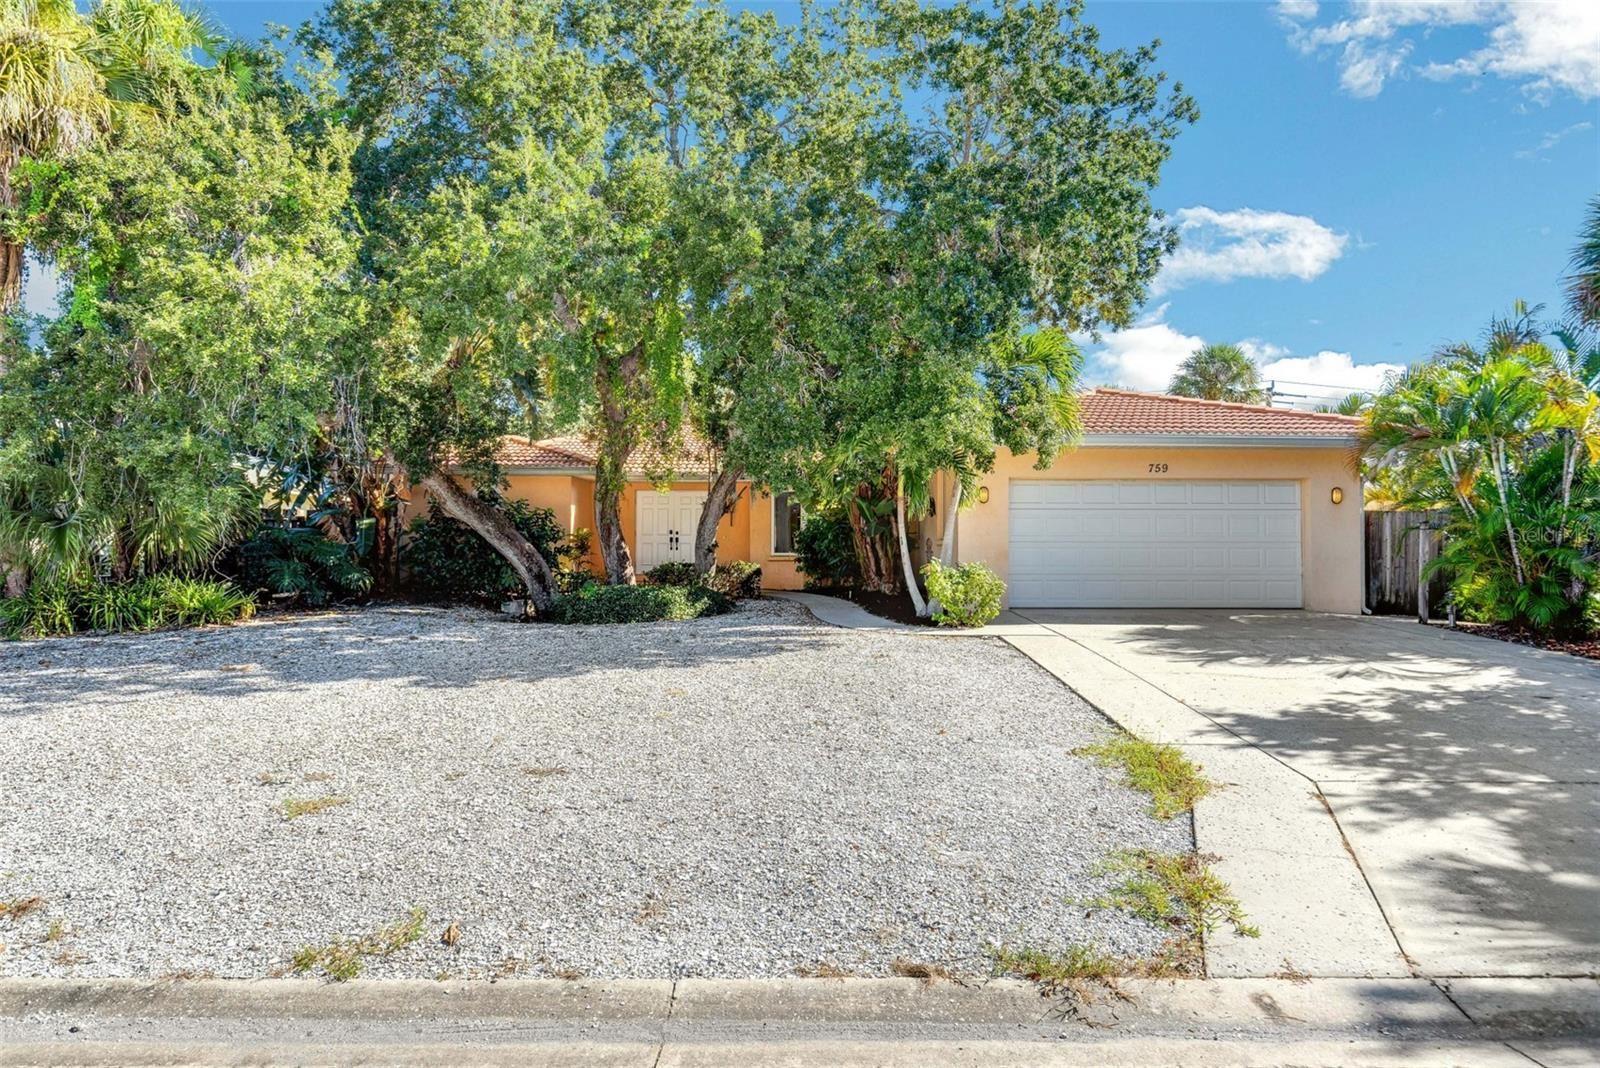 759 BIRDSONG LANE, Sarasota, FL 34242 - #: A4515257